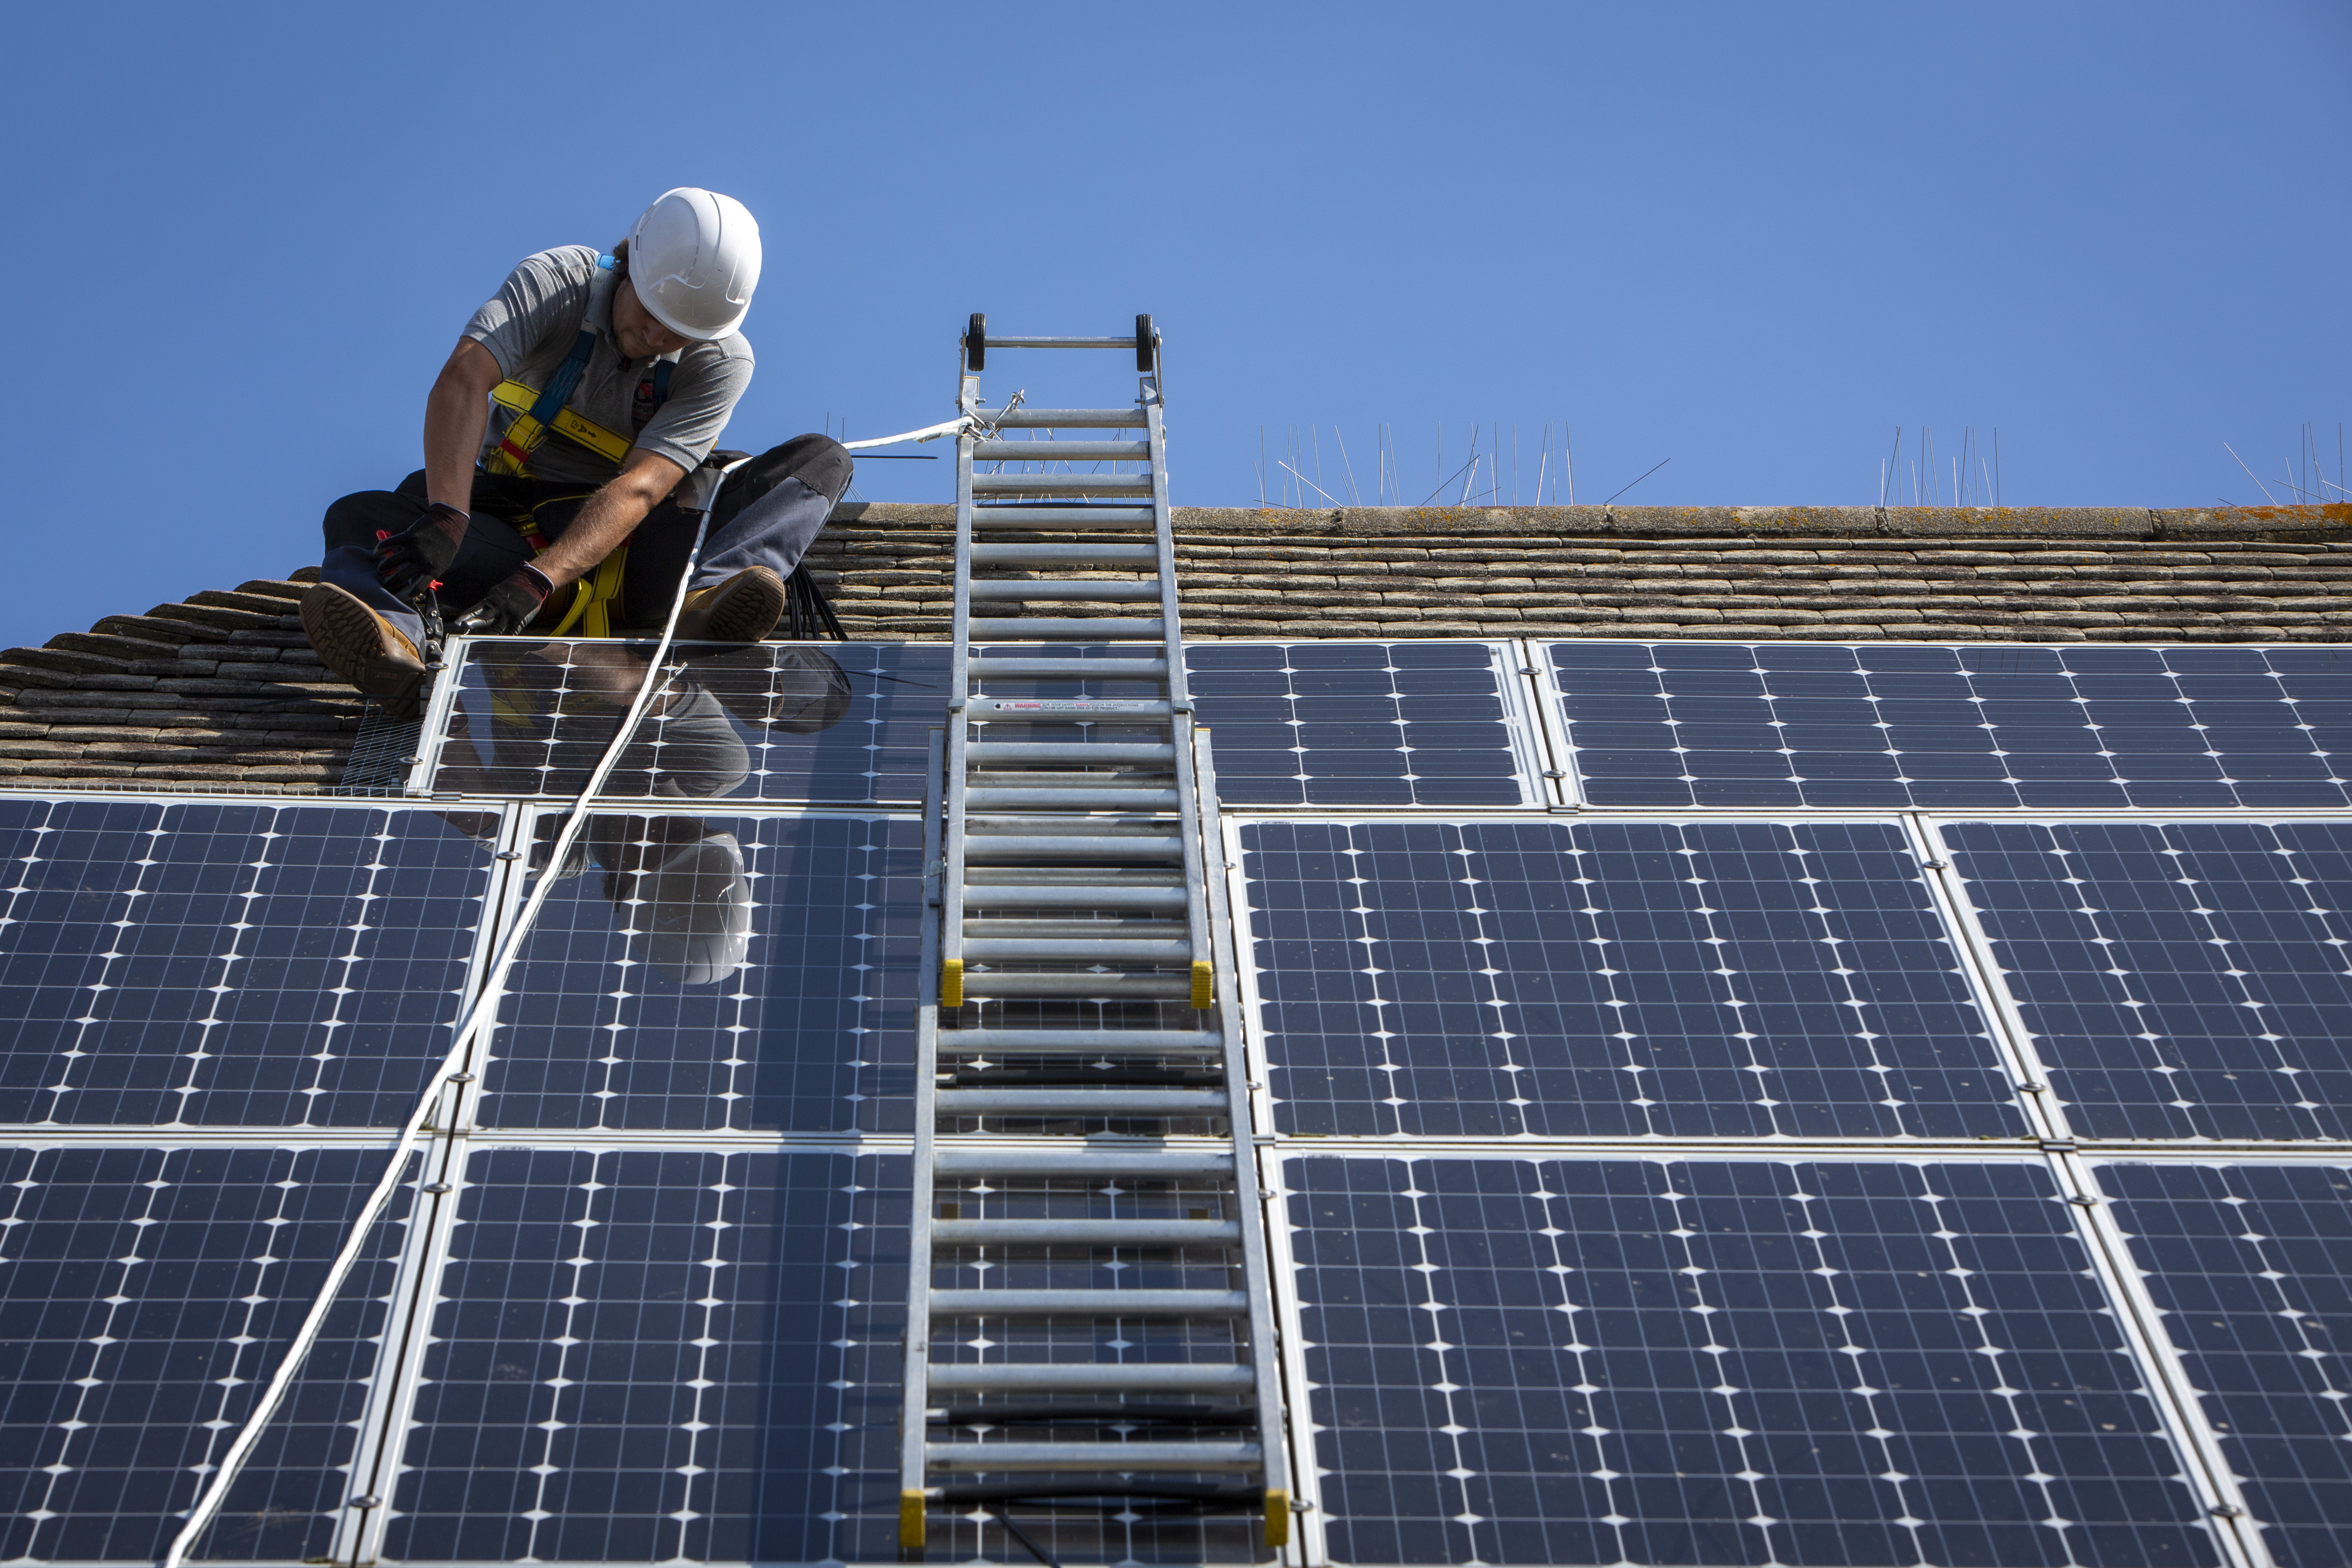 Rooftop solar worker